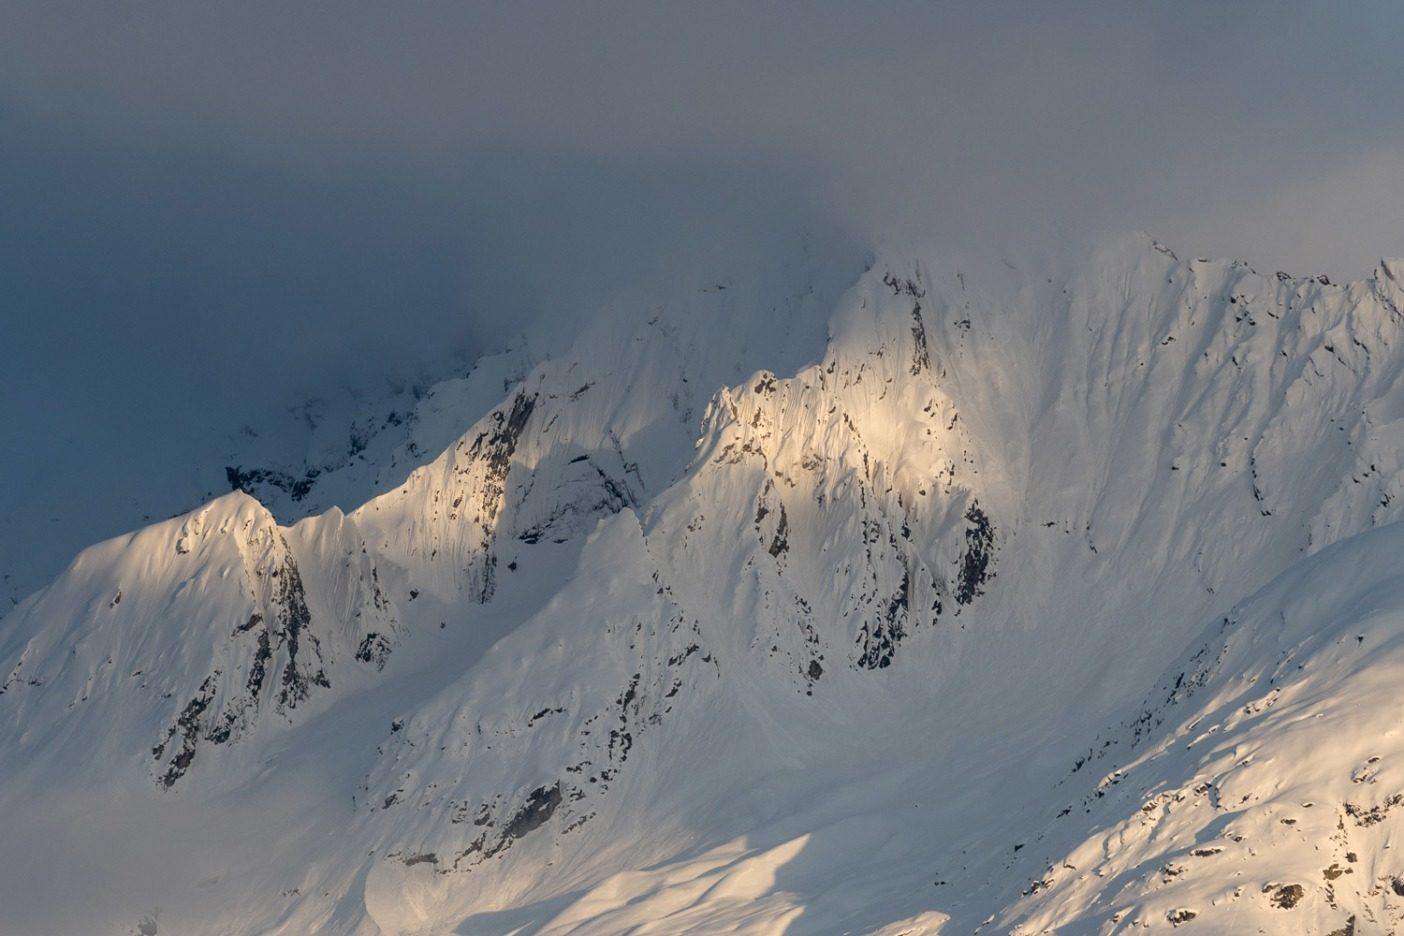 スノーボードをして過ごした長い1日の後、チルカット山を照らす最後の光。これらの峰は、アラスカとブリティッシュコロンビアの国境近くにあり、十分な雪と安定したコンディションが、夢のような多くのラインを生み出している。この山はチルカット川の源でもあるが、パルマー・プロジェクトによって危険にさらされている。このプロジェクトは高純度硫化亜鉛と銅の鉱山計画で、探鉱はかなり進んでいる。Photo:Colin Wiseman